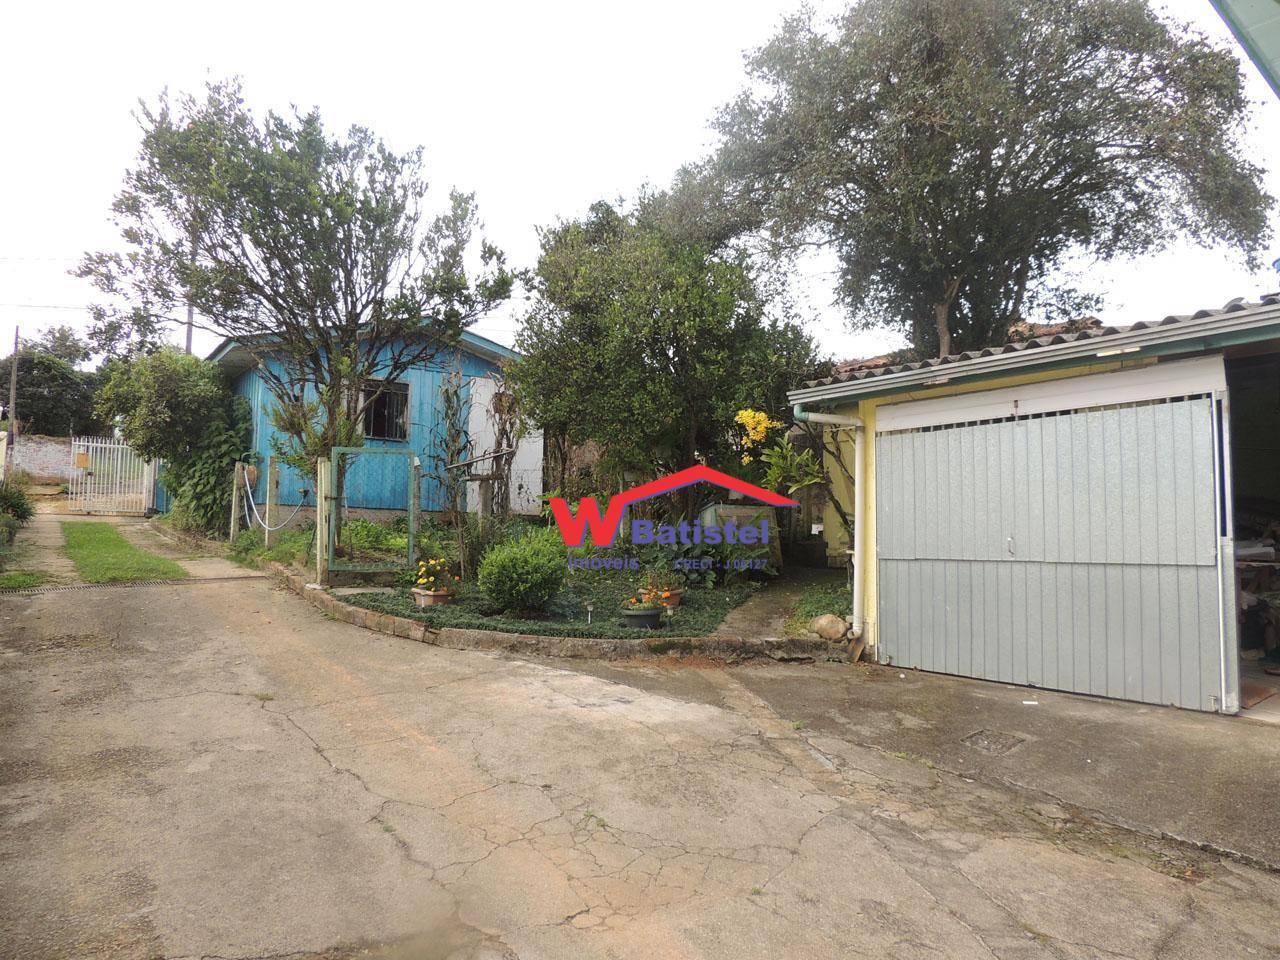 Terreno à venda, 444 m² por R$ 165.000 - Rua Mandirituba, 126 - Paloma - Colombo/PR